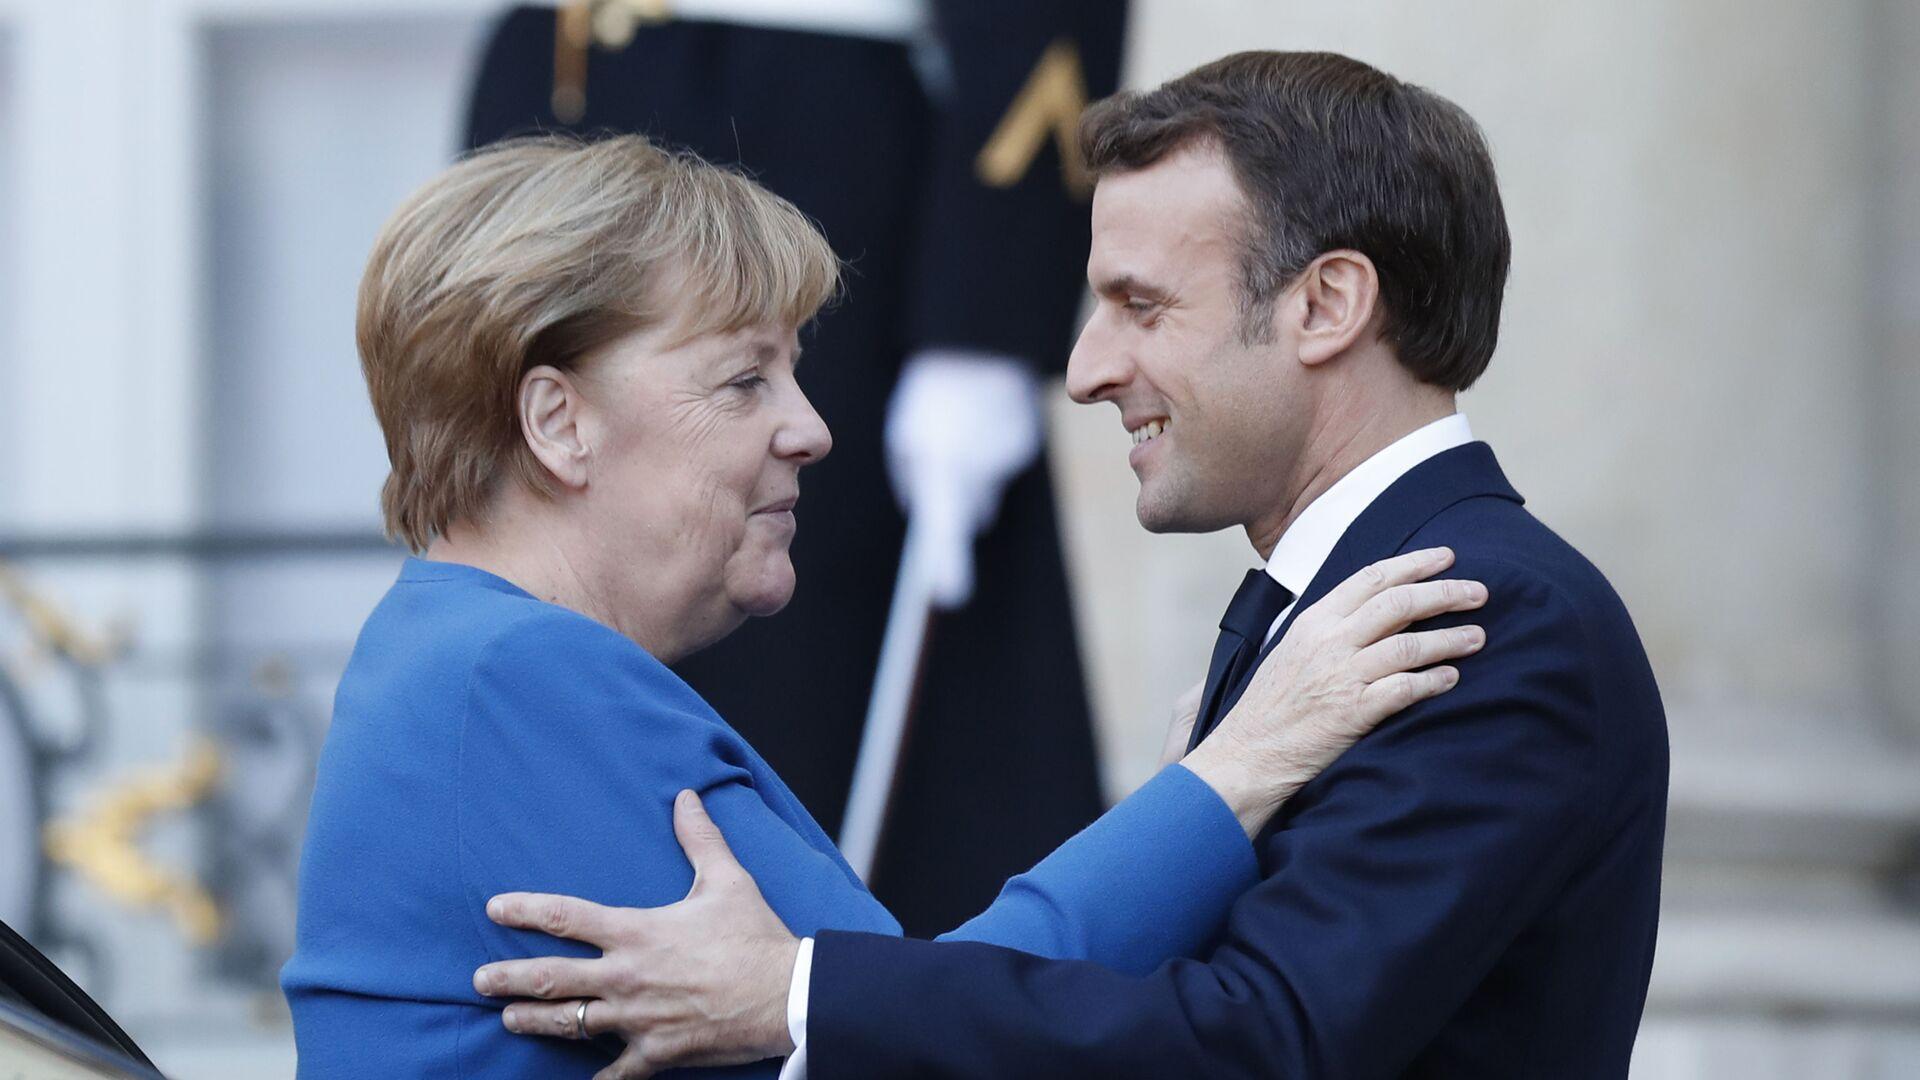 Německá kancléřka Angela Merkelová a francouzský prezident Emmanuel Macron v Paříži - Sputnik Česká republika, 1920, 19.09.2021